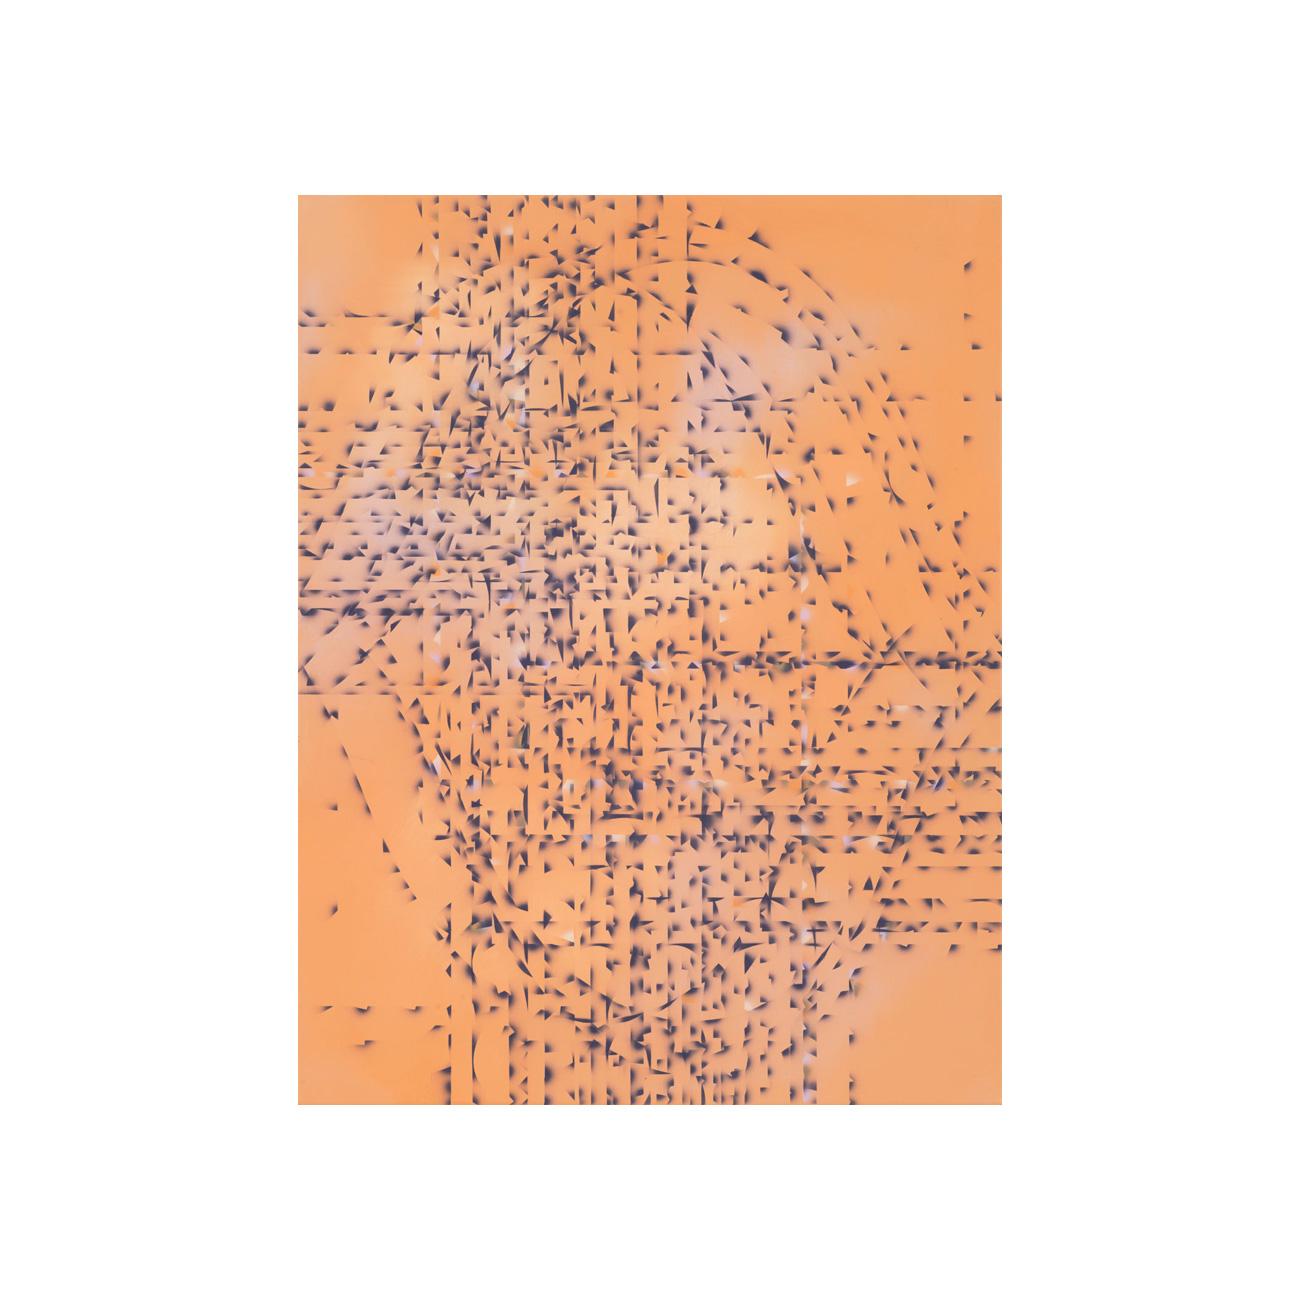 dunkles Violett/Kette und Schuss . 2017 . 94 x 72 cm . Acryl auf Baumwolle